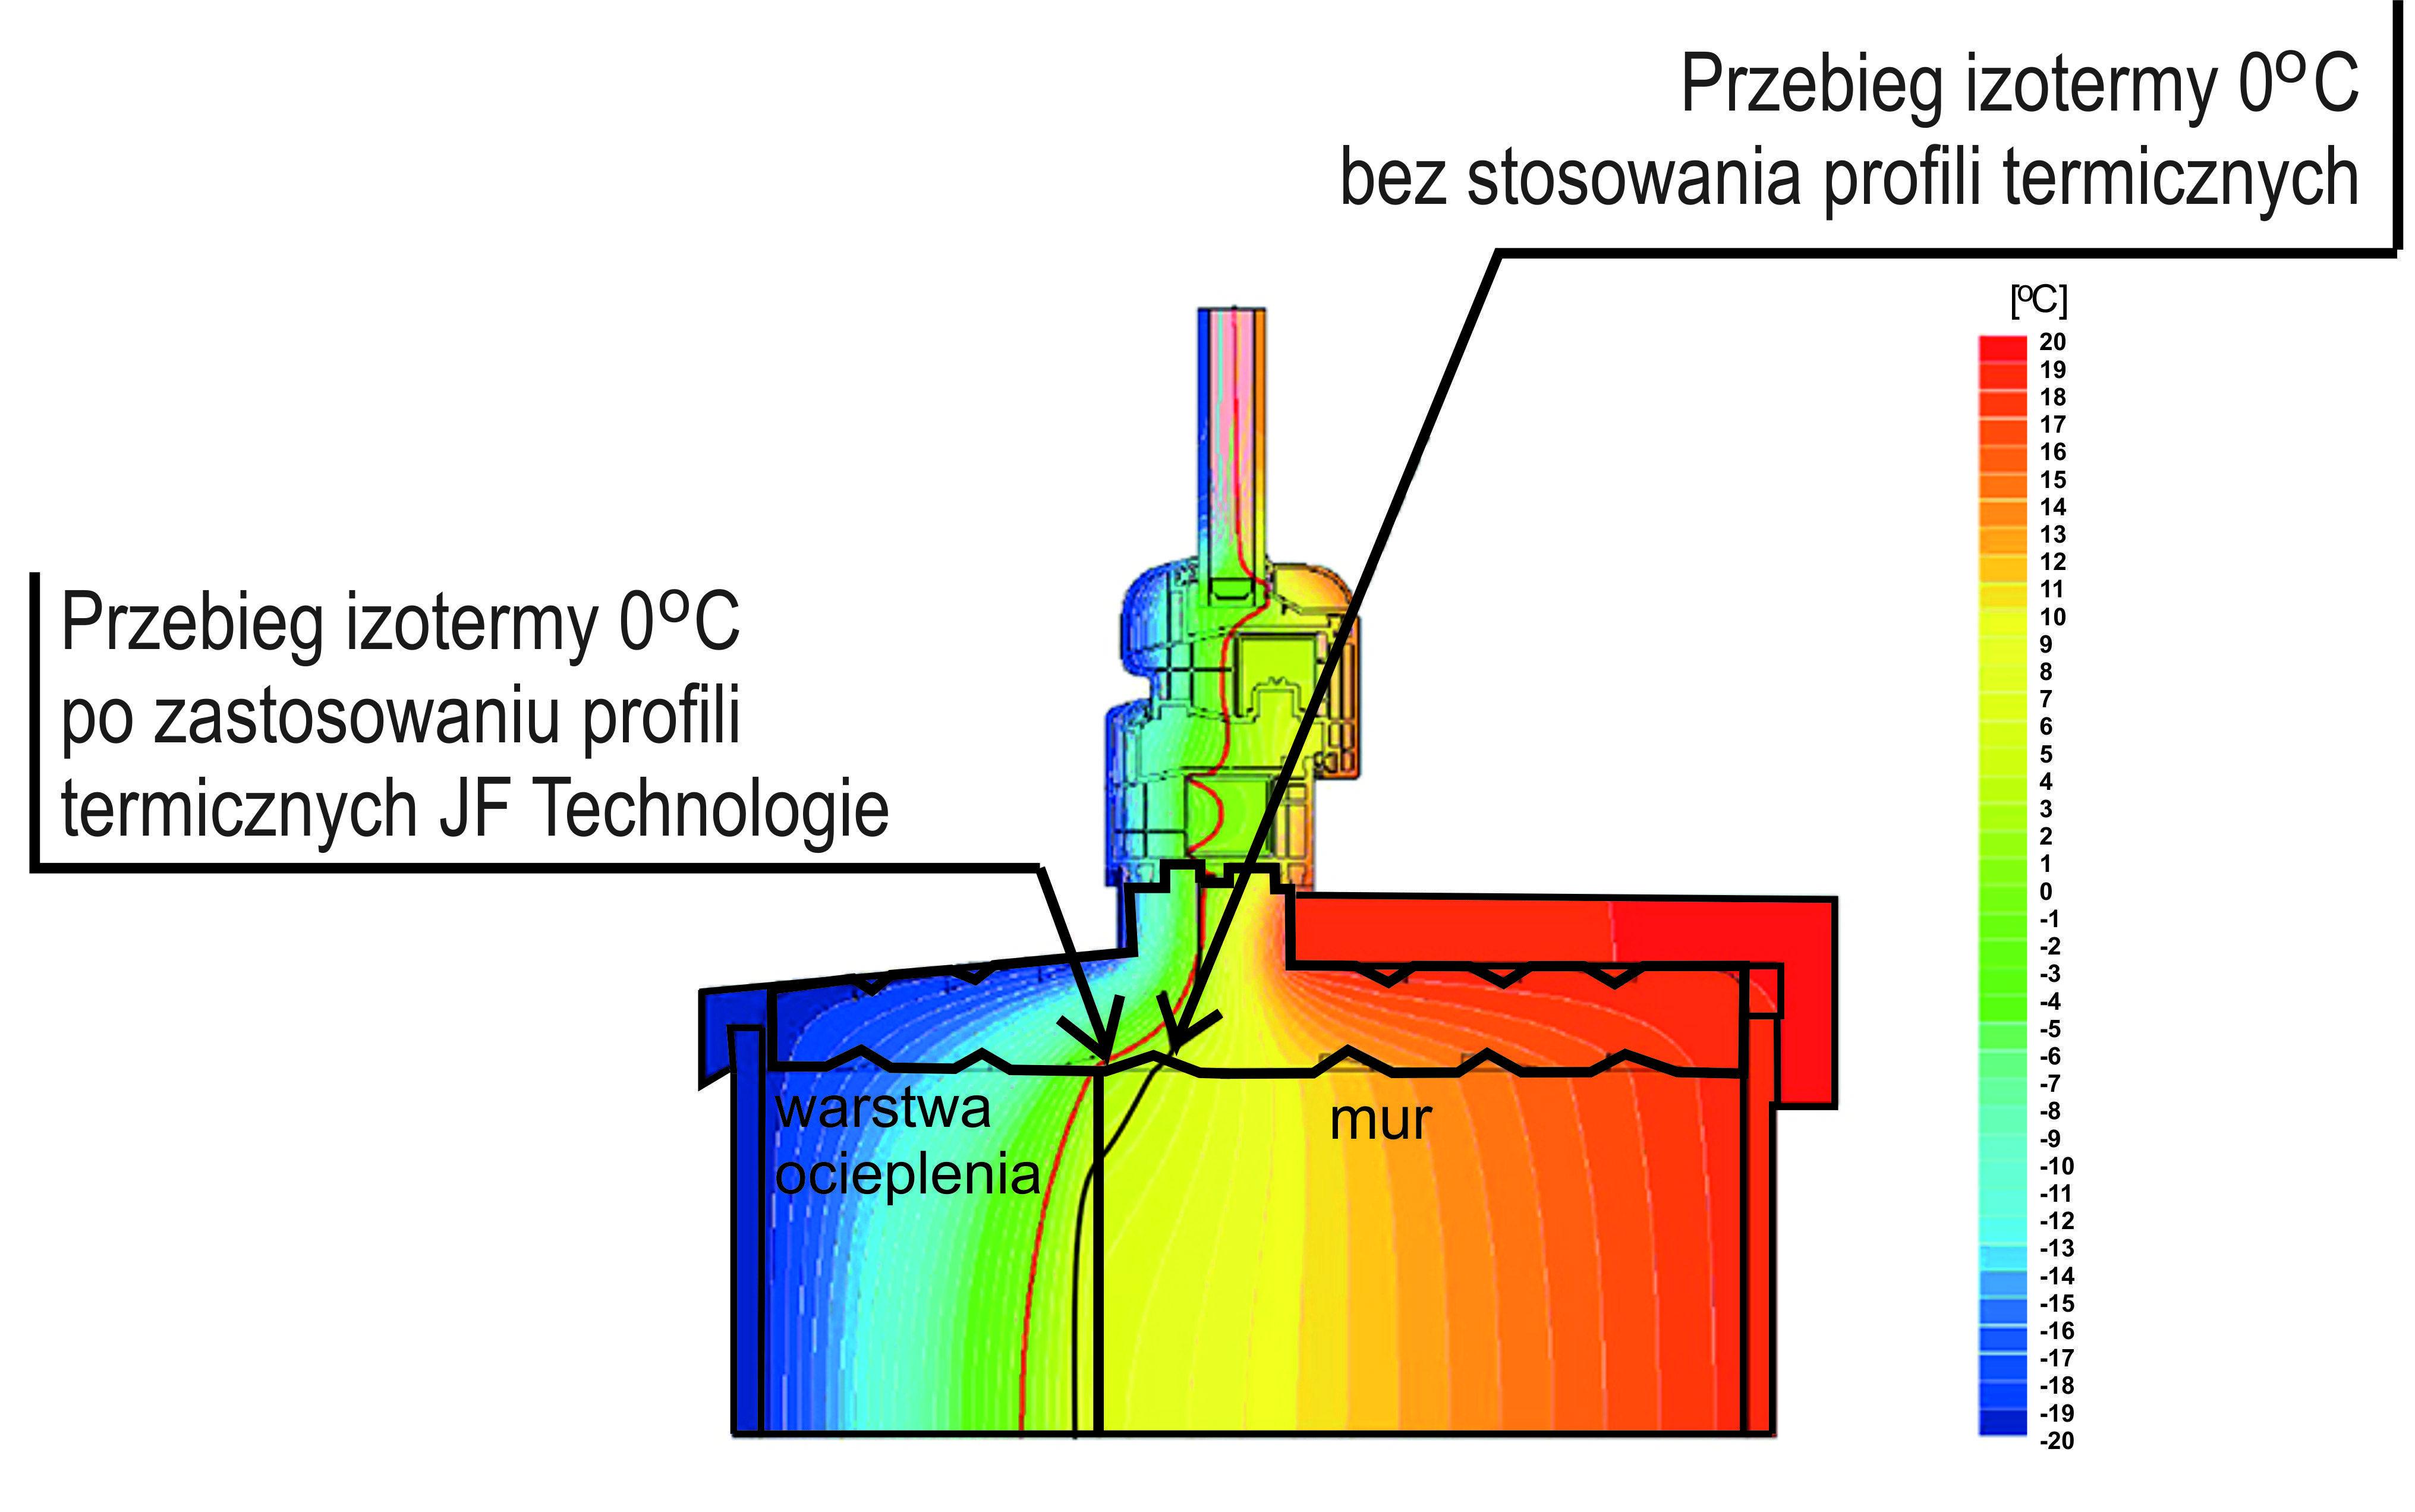 co dają ciepłe parapety izoterma